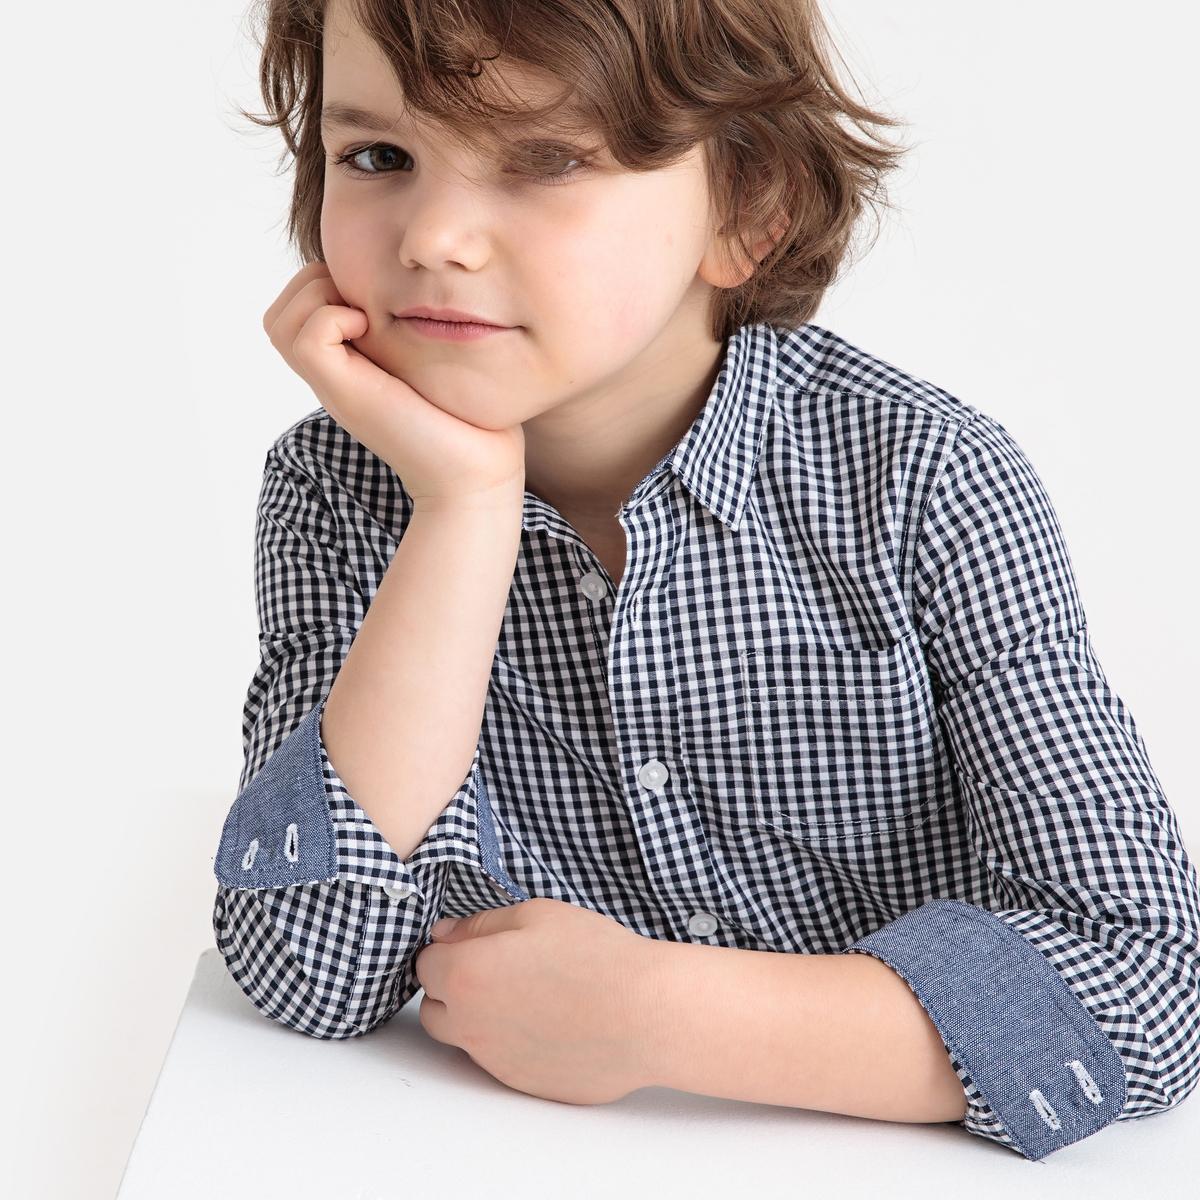 Рубашка La Redoute В клетку с длинными рукавами 12 лет -150 см синий блузка la redoute в полоску с длинными рукавами 12 лет 150 см другие